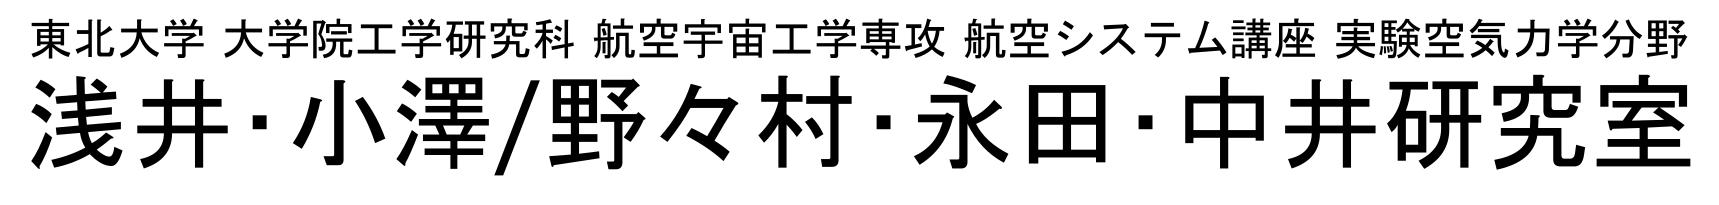 実験空気力学分野 浅井・小澤/野々村・永田・中井研究室